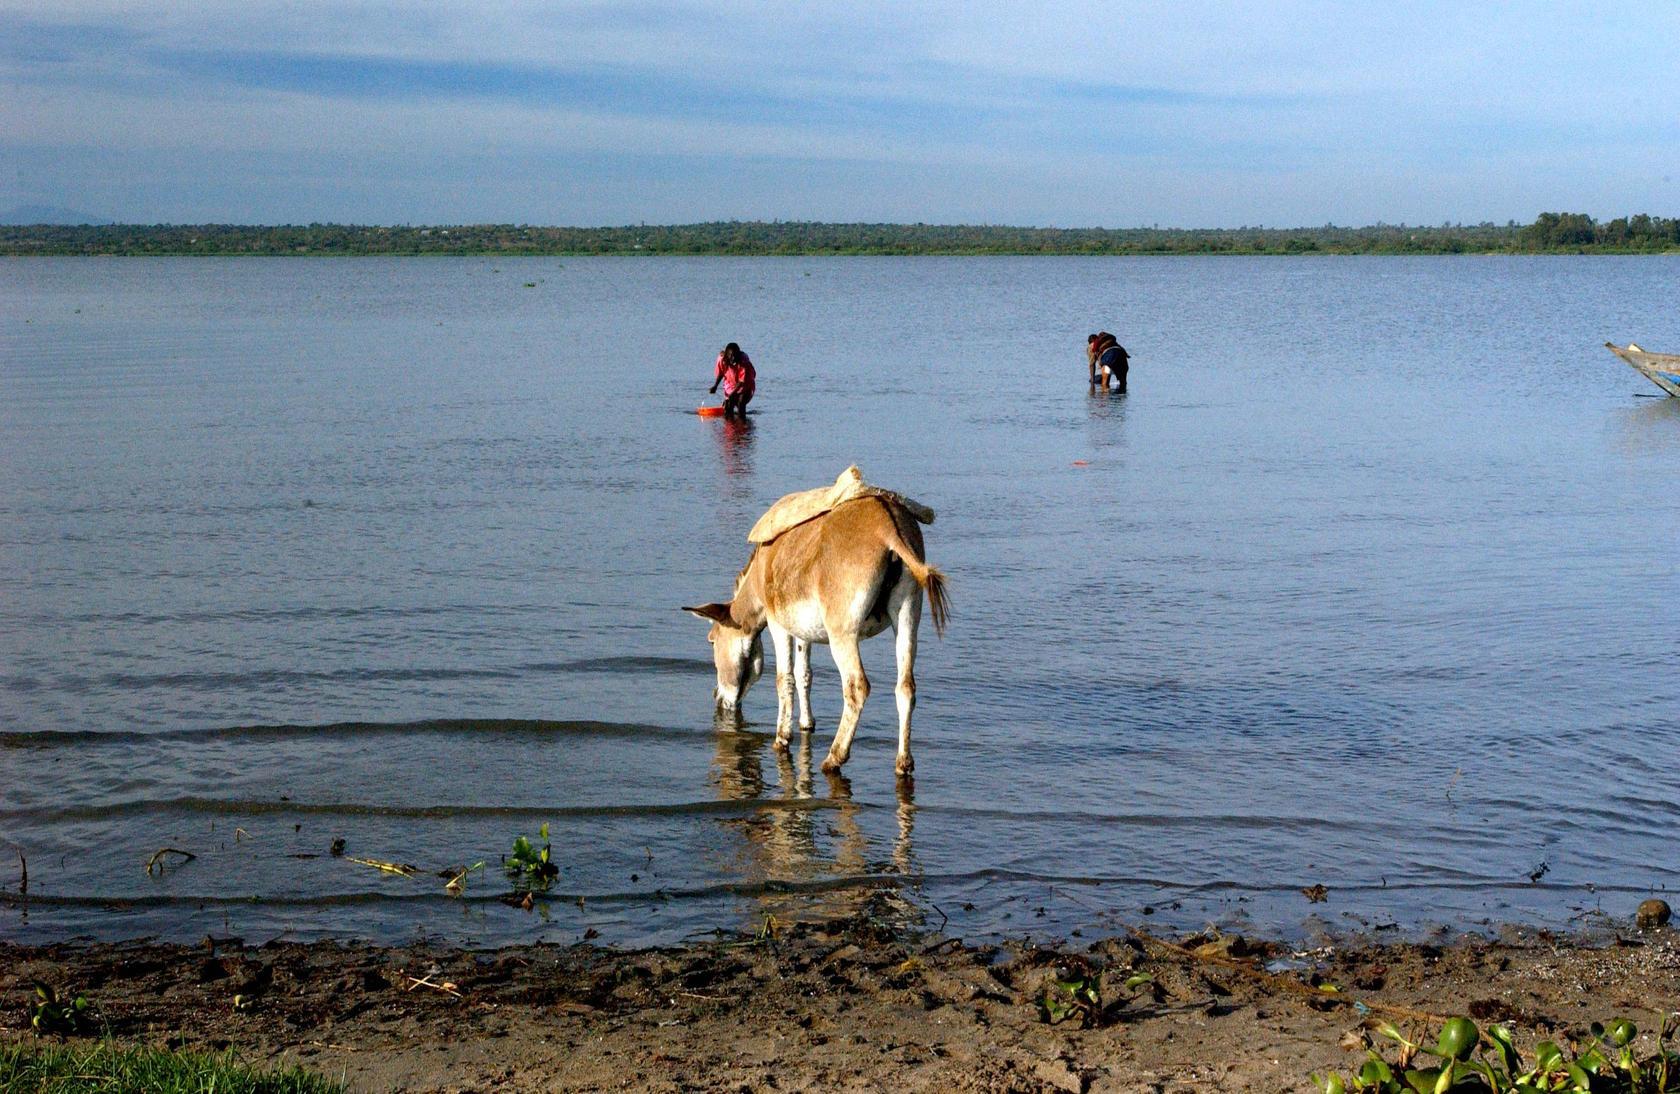 Bondo, Kenya.  Los aldeanos que no tienen acceso al agua limpia se ven obligados a recoger su agua potable del lago Victoria. África. ©FAO